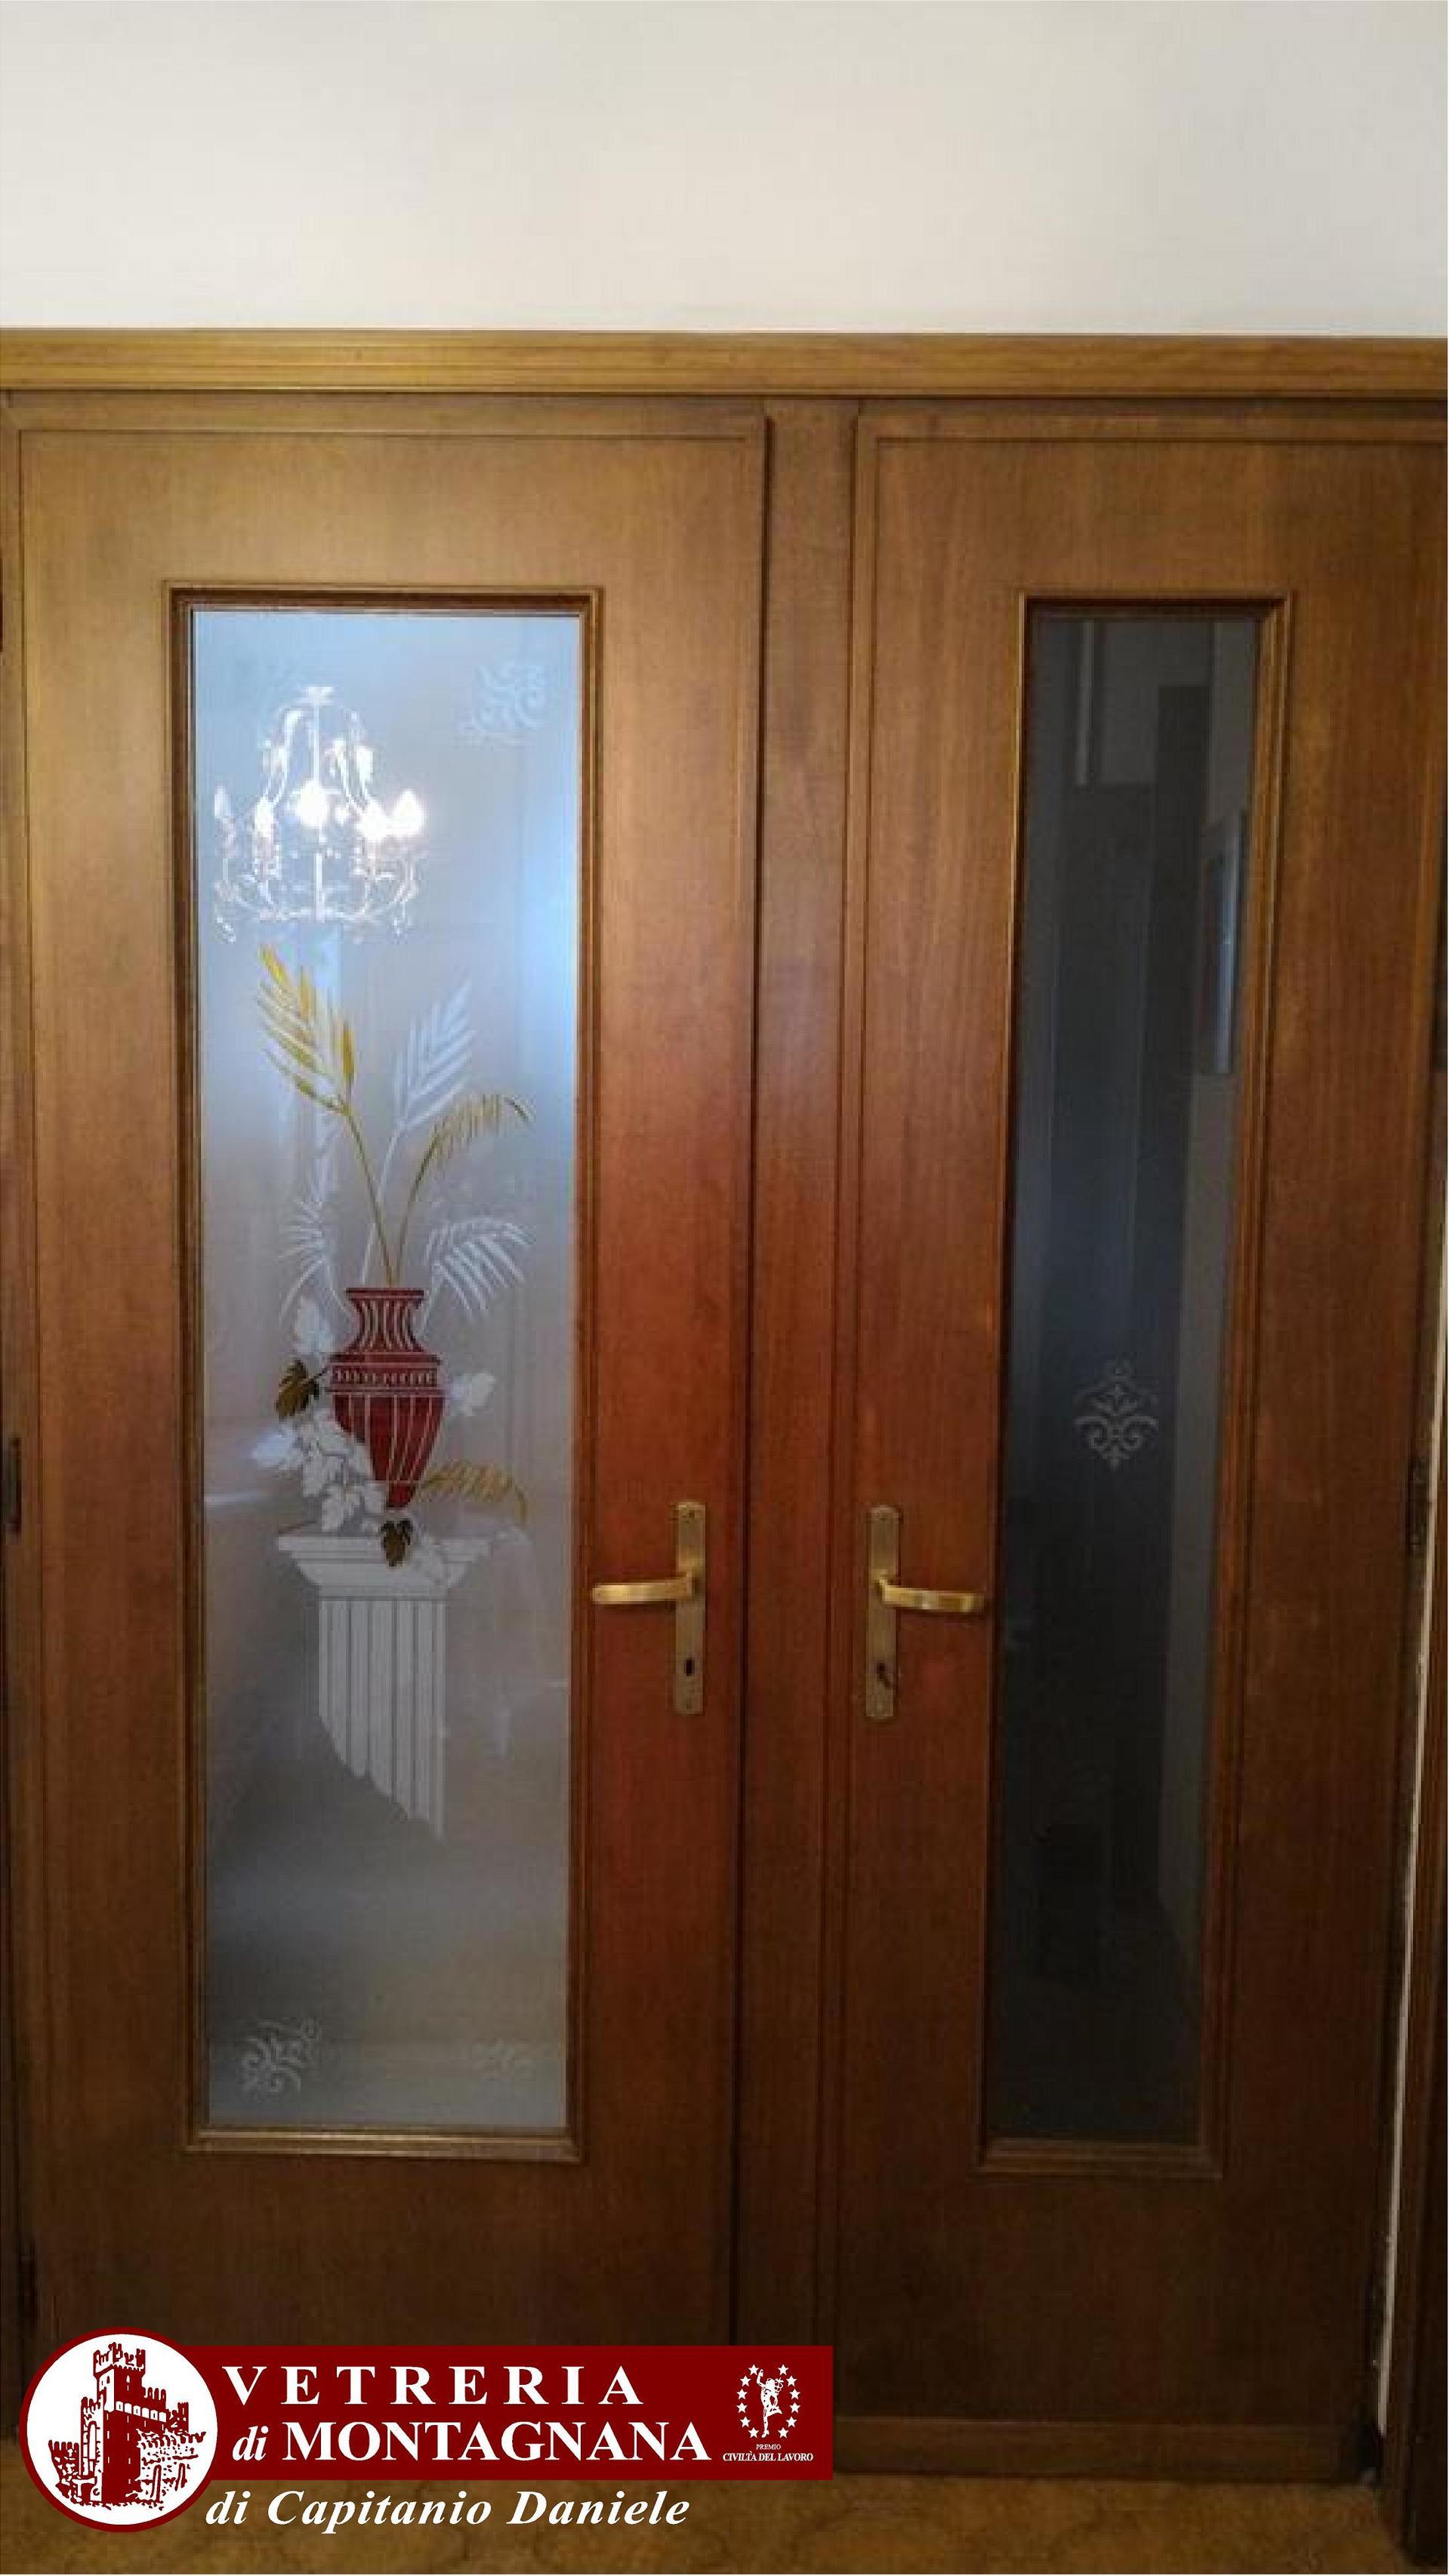 Vetri decorati a mano montagnana pd vetreria di montagnana - Vetri decorati per porte interne classiche ...